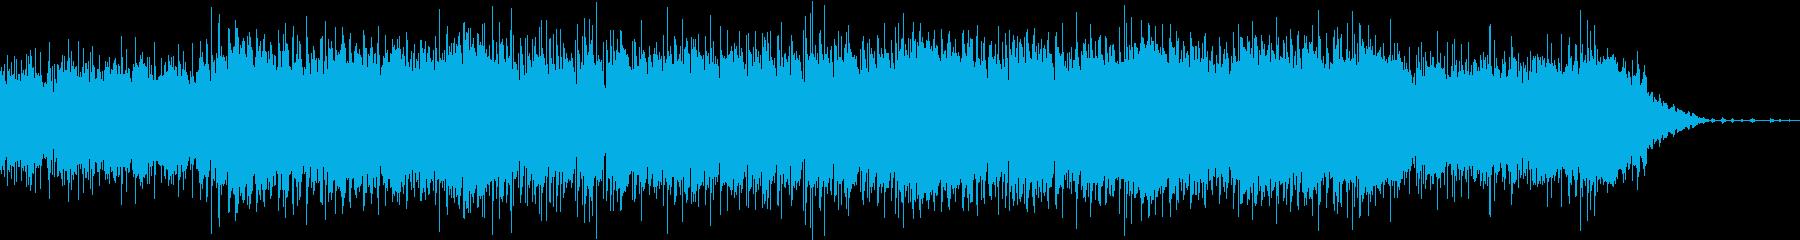 陽気・力強い・なつかしい・ブルースの再生済みの波形